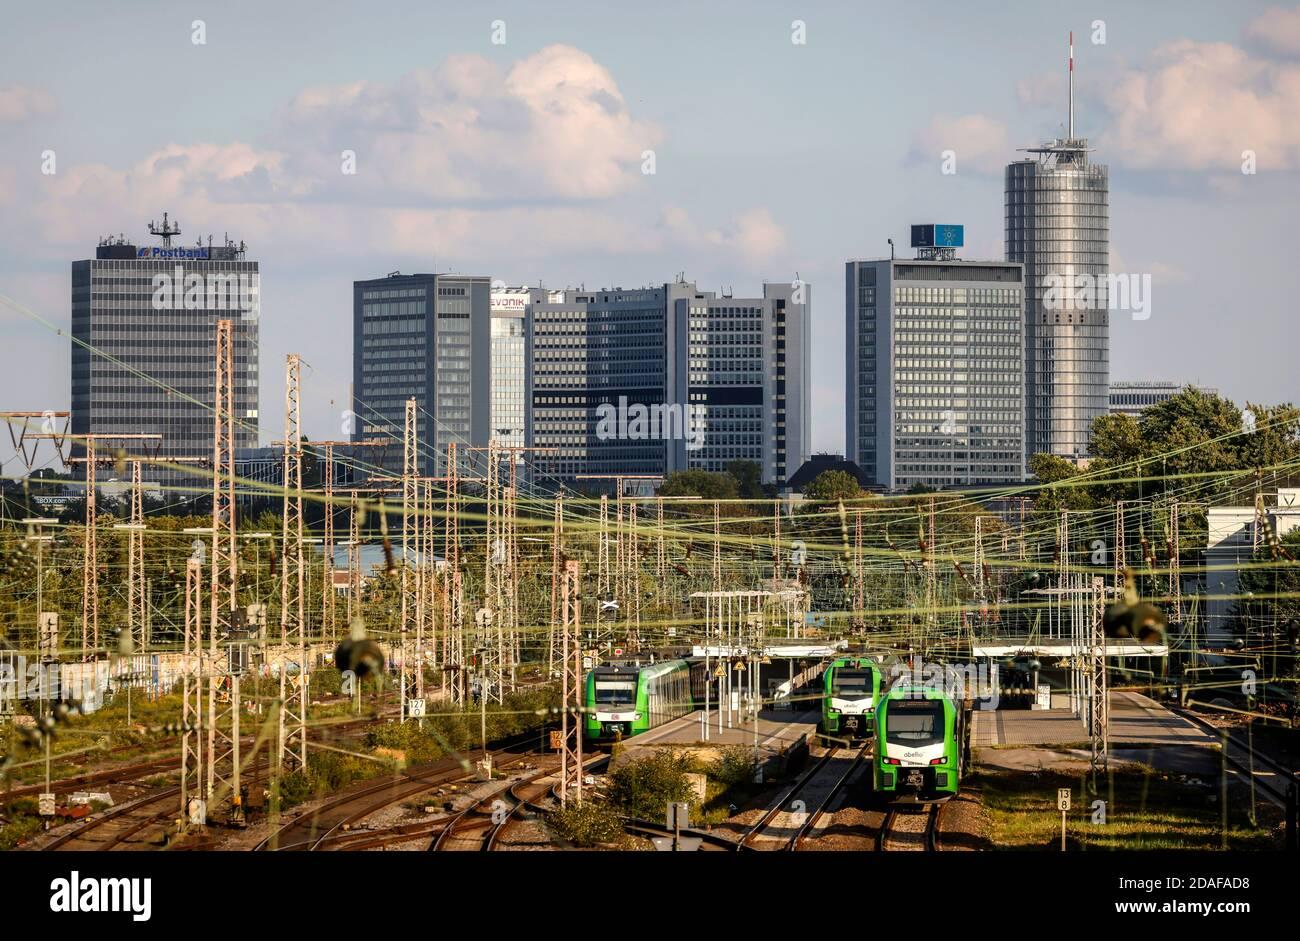 Essen, région de la Ruhr, Rhénanie-du-Nord-Westphalie, Allemagne - Panorama de la ville avec tour de Postbank, siège d'Evonik et tour RWE, en face S-Bahn à Essen Wes Banque D'Images